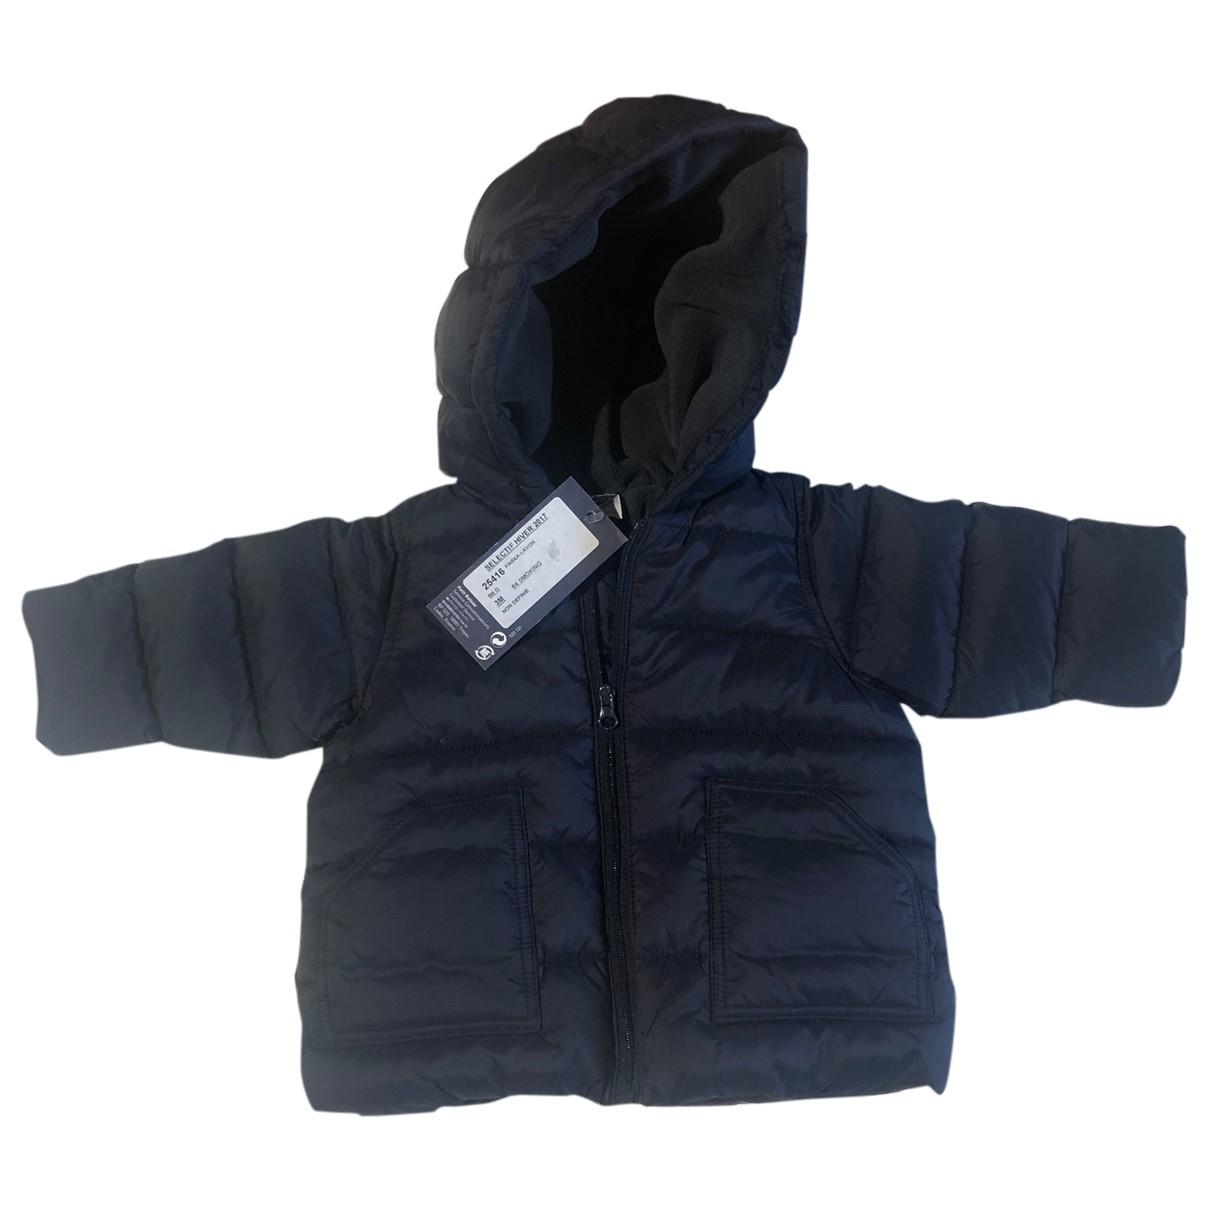 Petit Bateau - Blousons.Manteaux   pour enfant - bleu